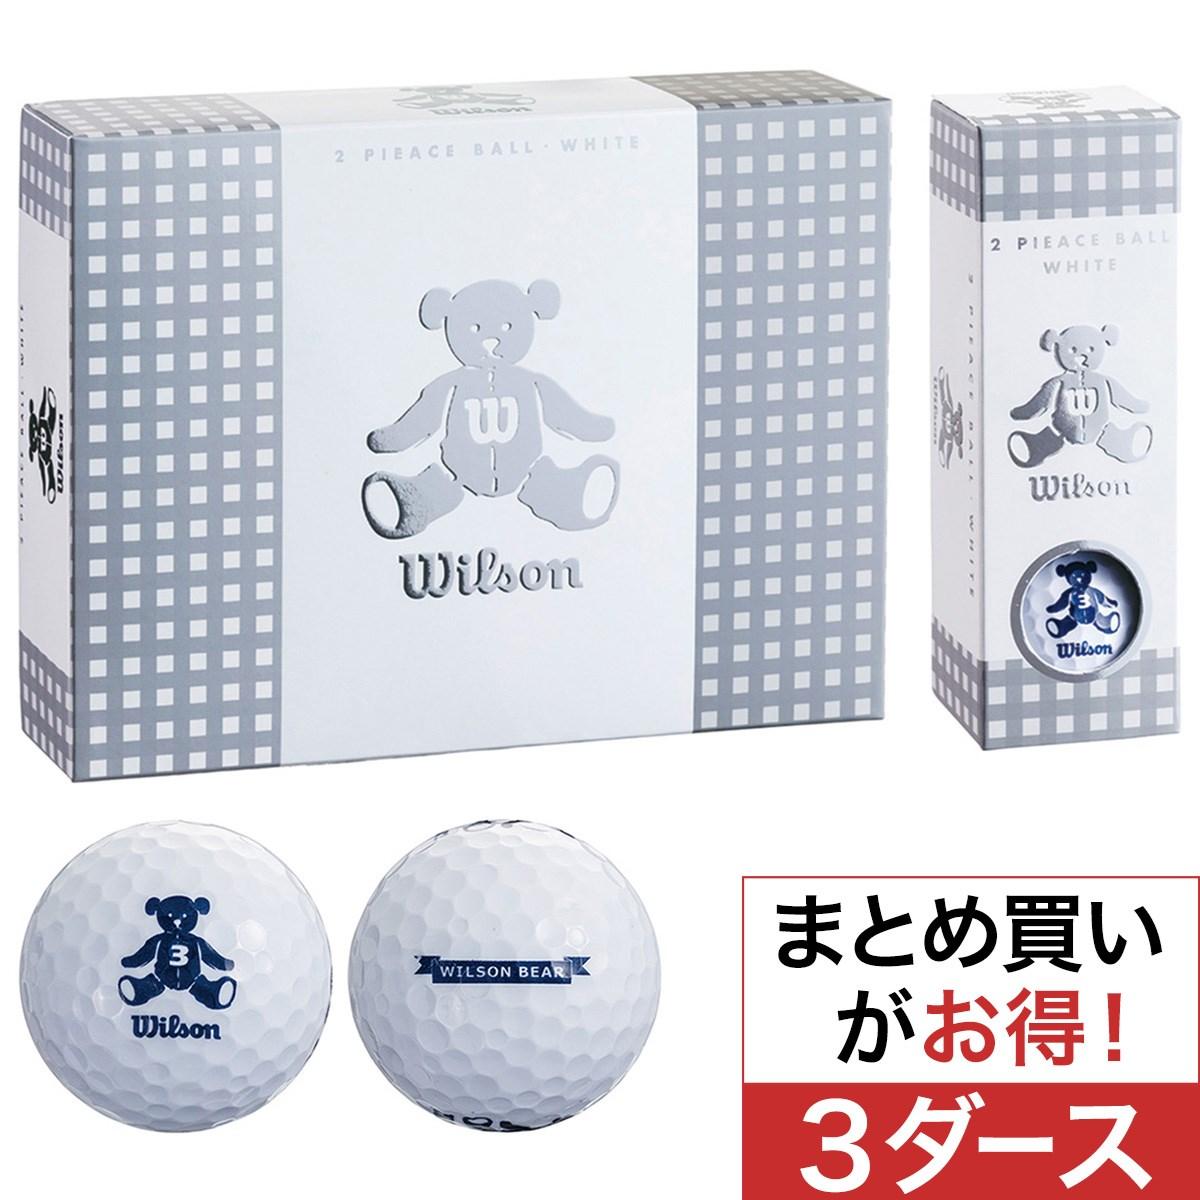 ウイルソン(wilson) BEAR3 ボール 3ダースセットレディス